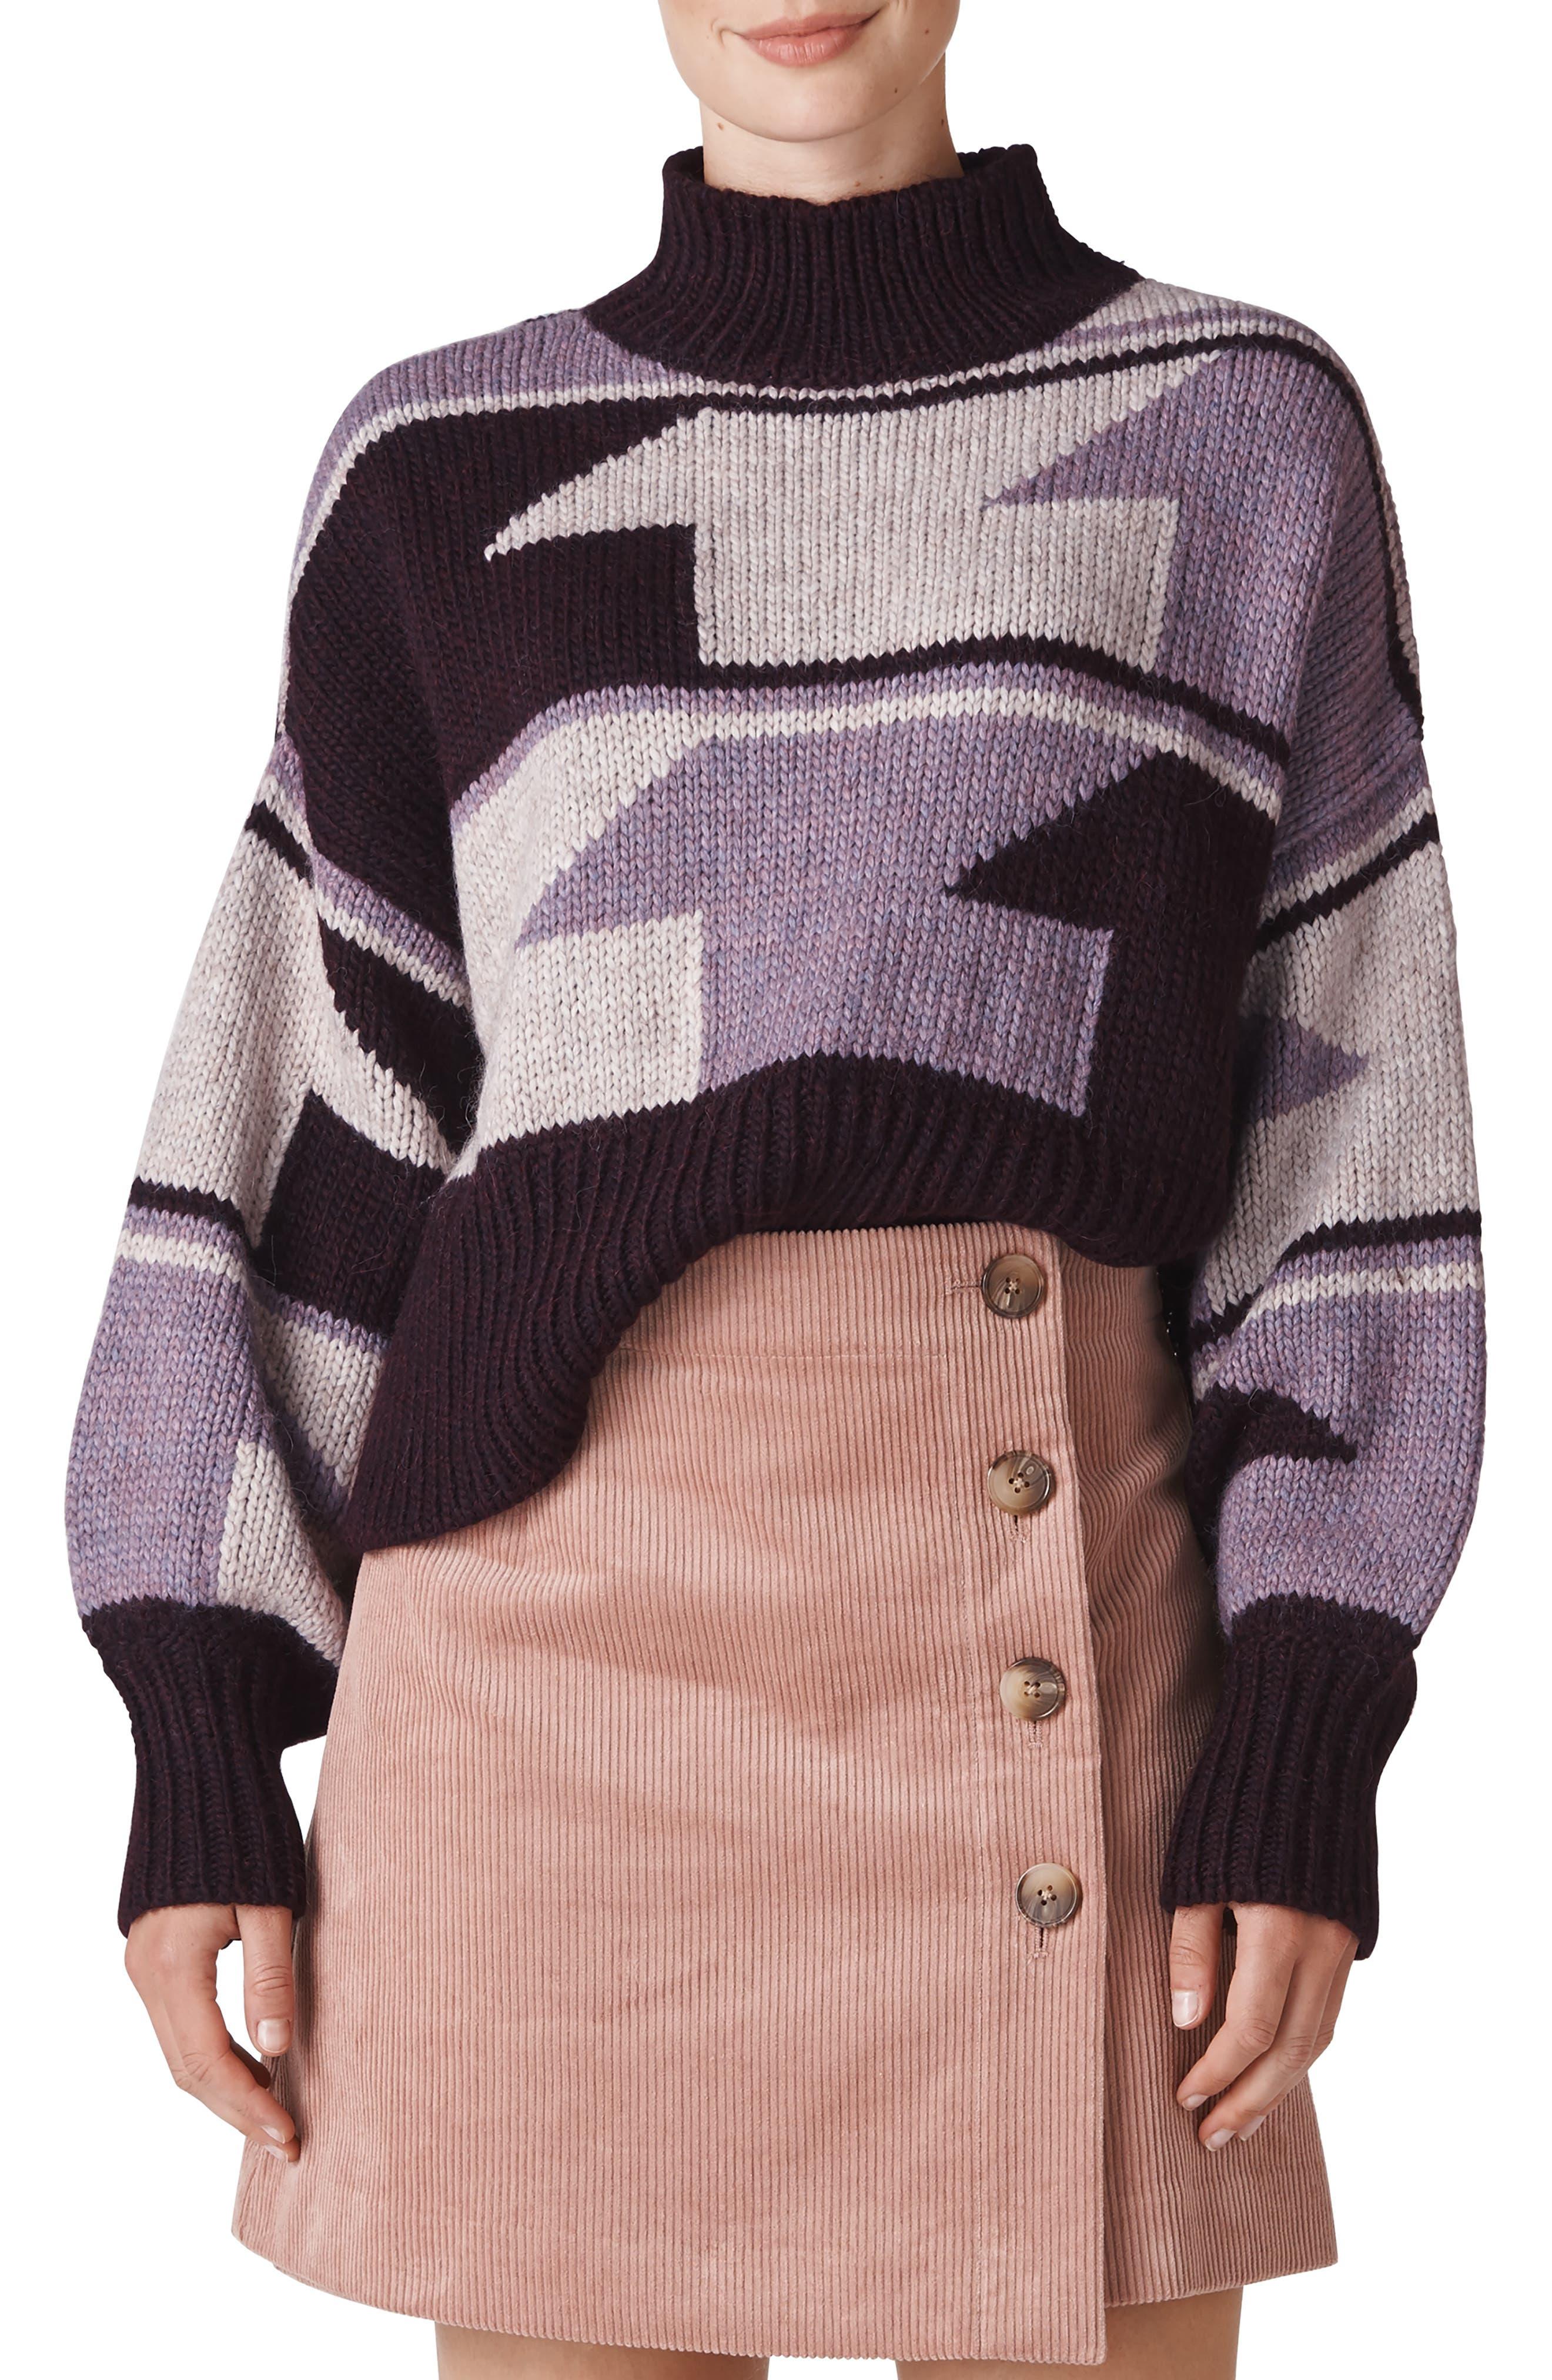 Intarsia Funnel Neck Sweater,                         Main,                         color, 500